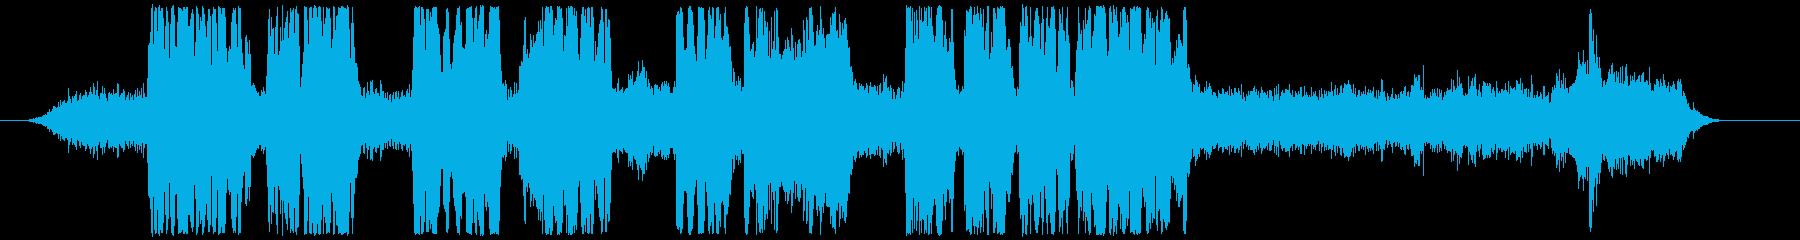 クラリーンズ・ブルズの再生済みの波形